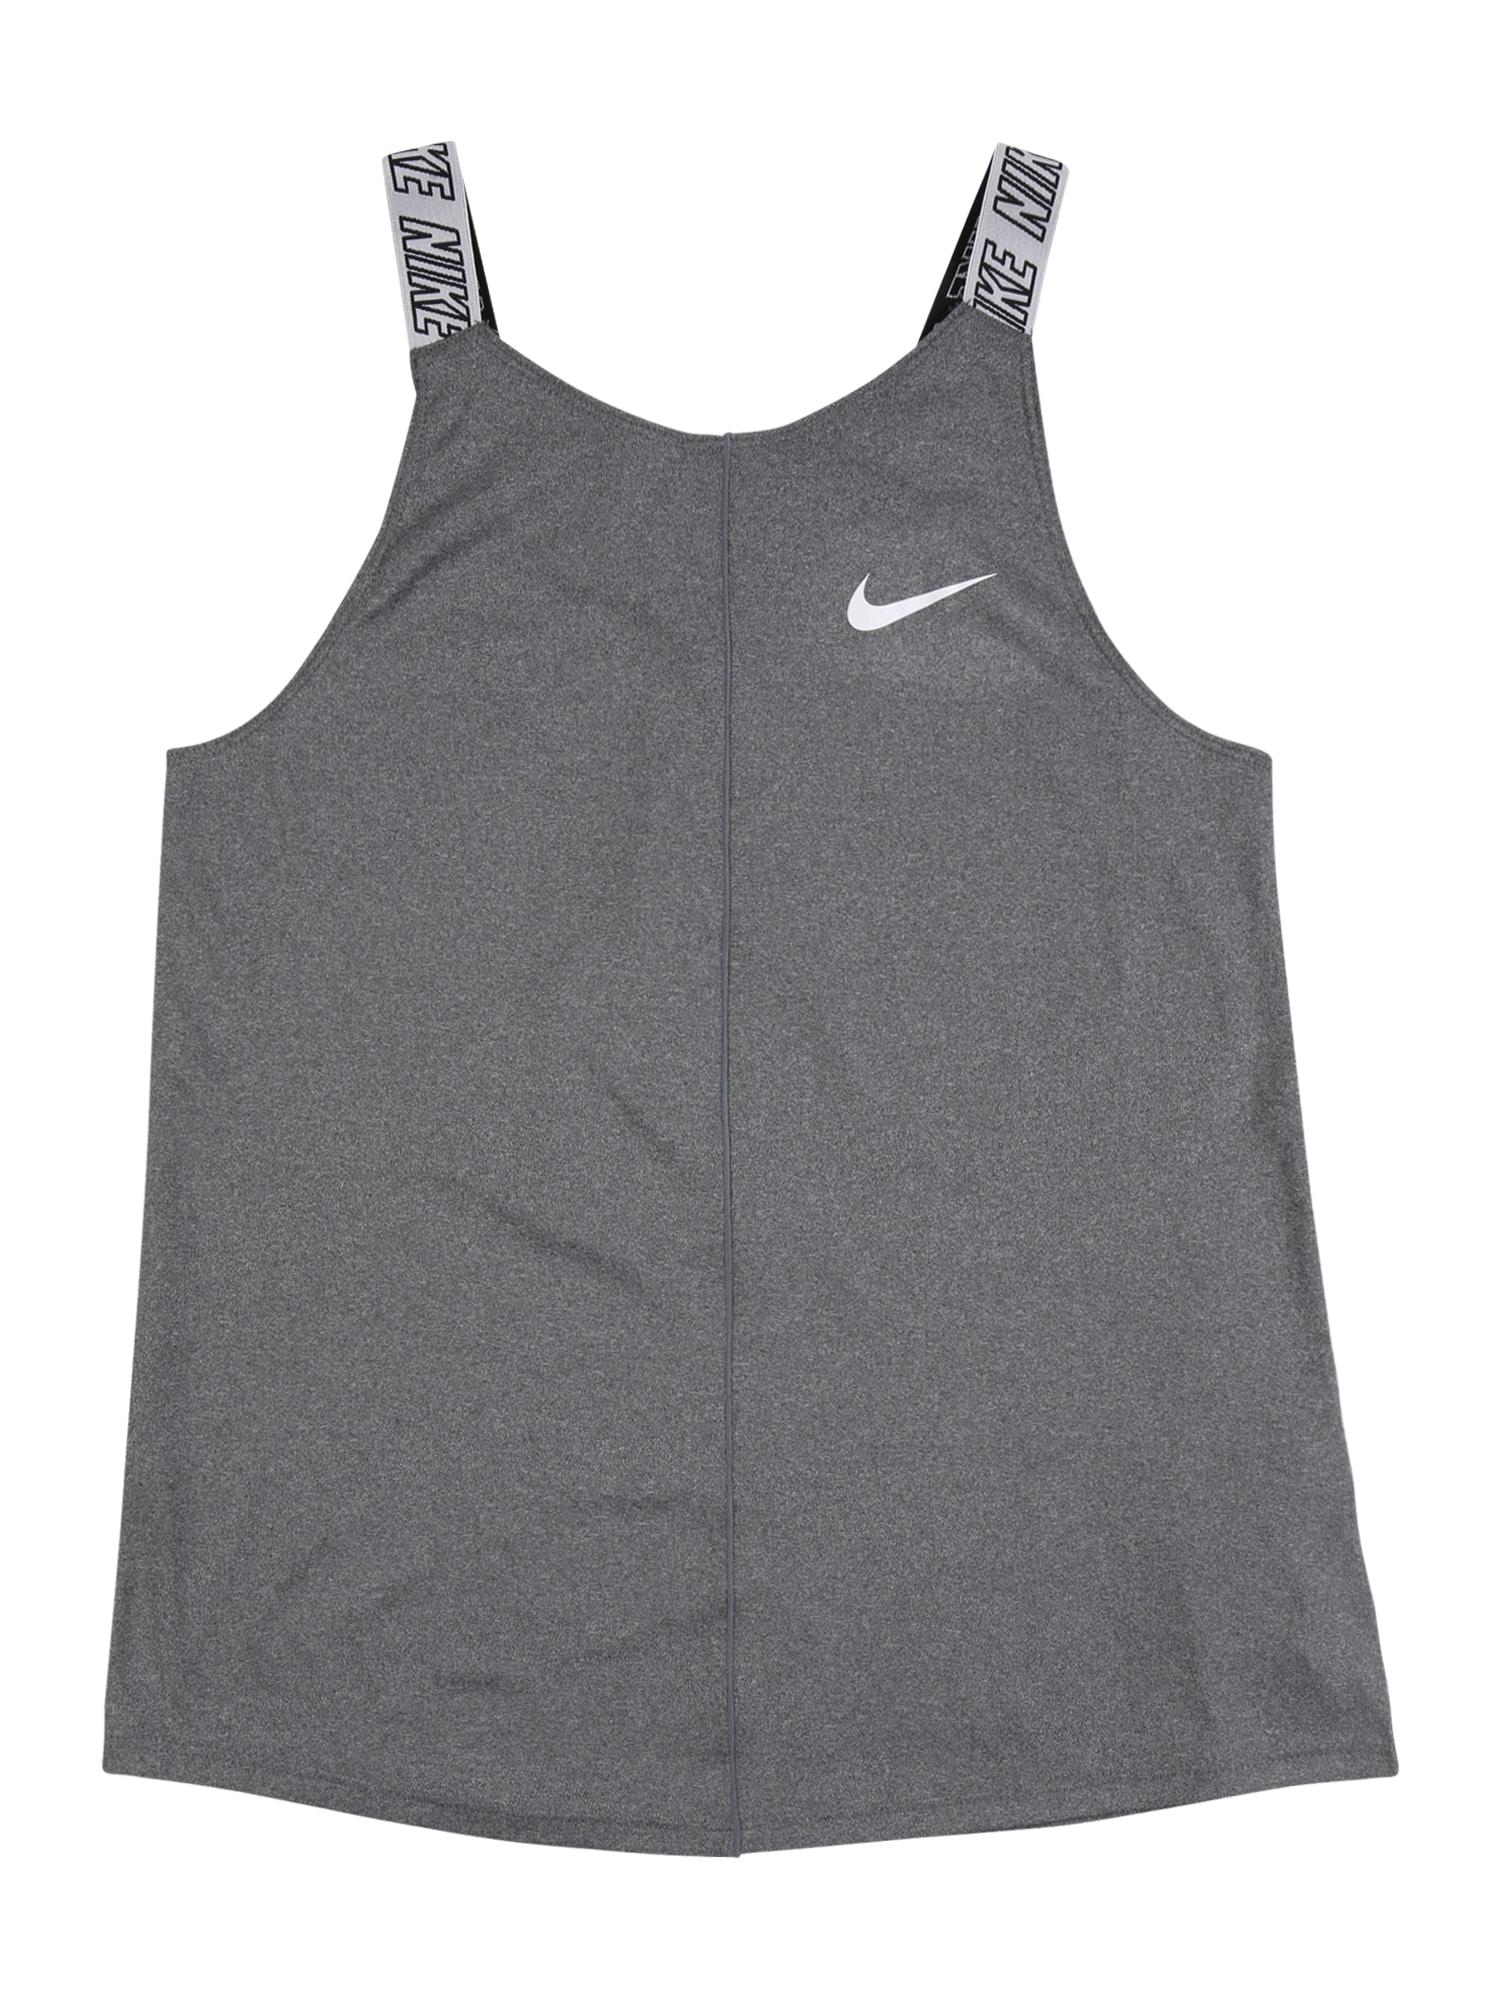 NIKE Sportiniai marškinėliai be rankovių margai pilka / balta / juoda